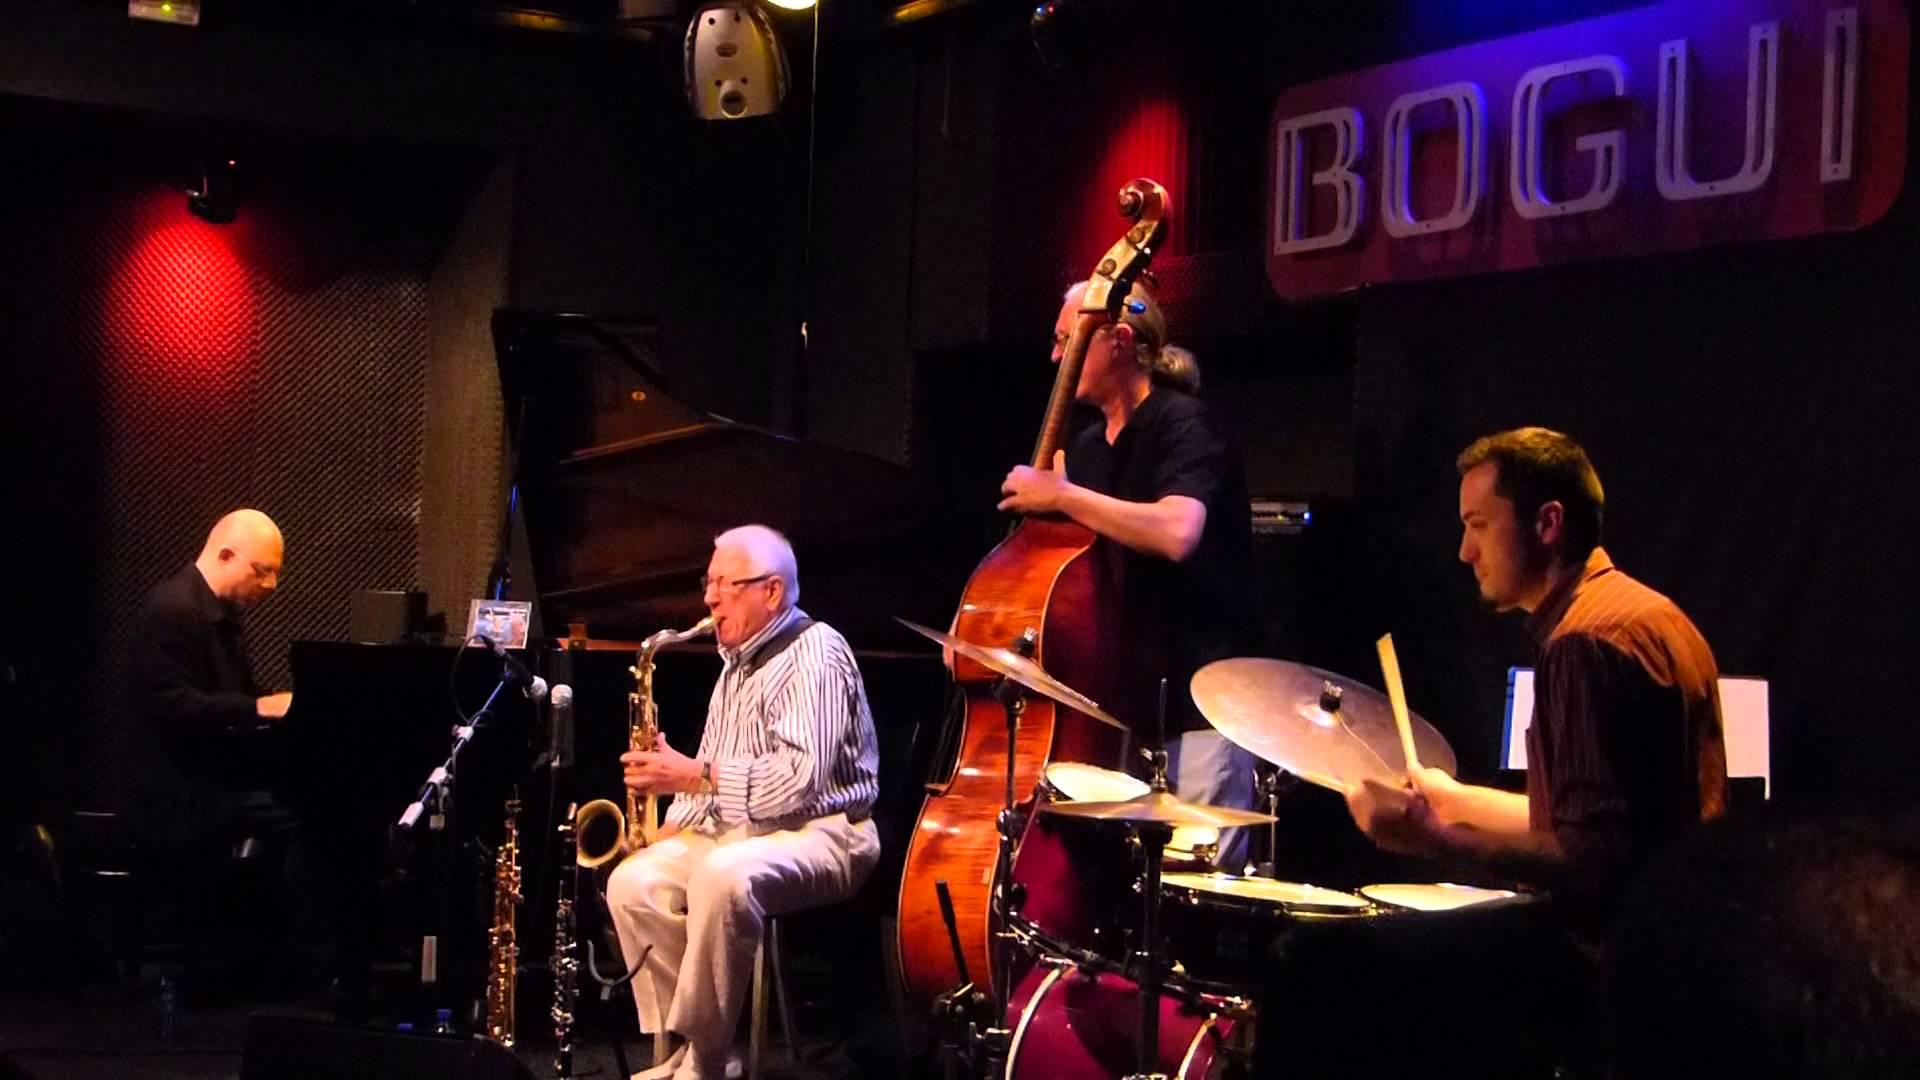 Iturralde vuelve al bogui jazz for Conciertos jazz madrid